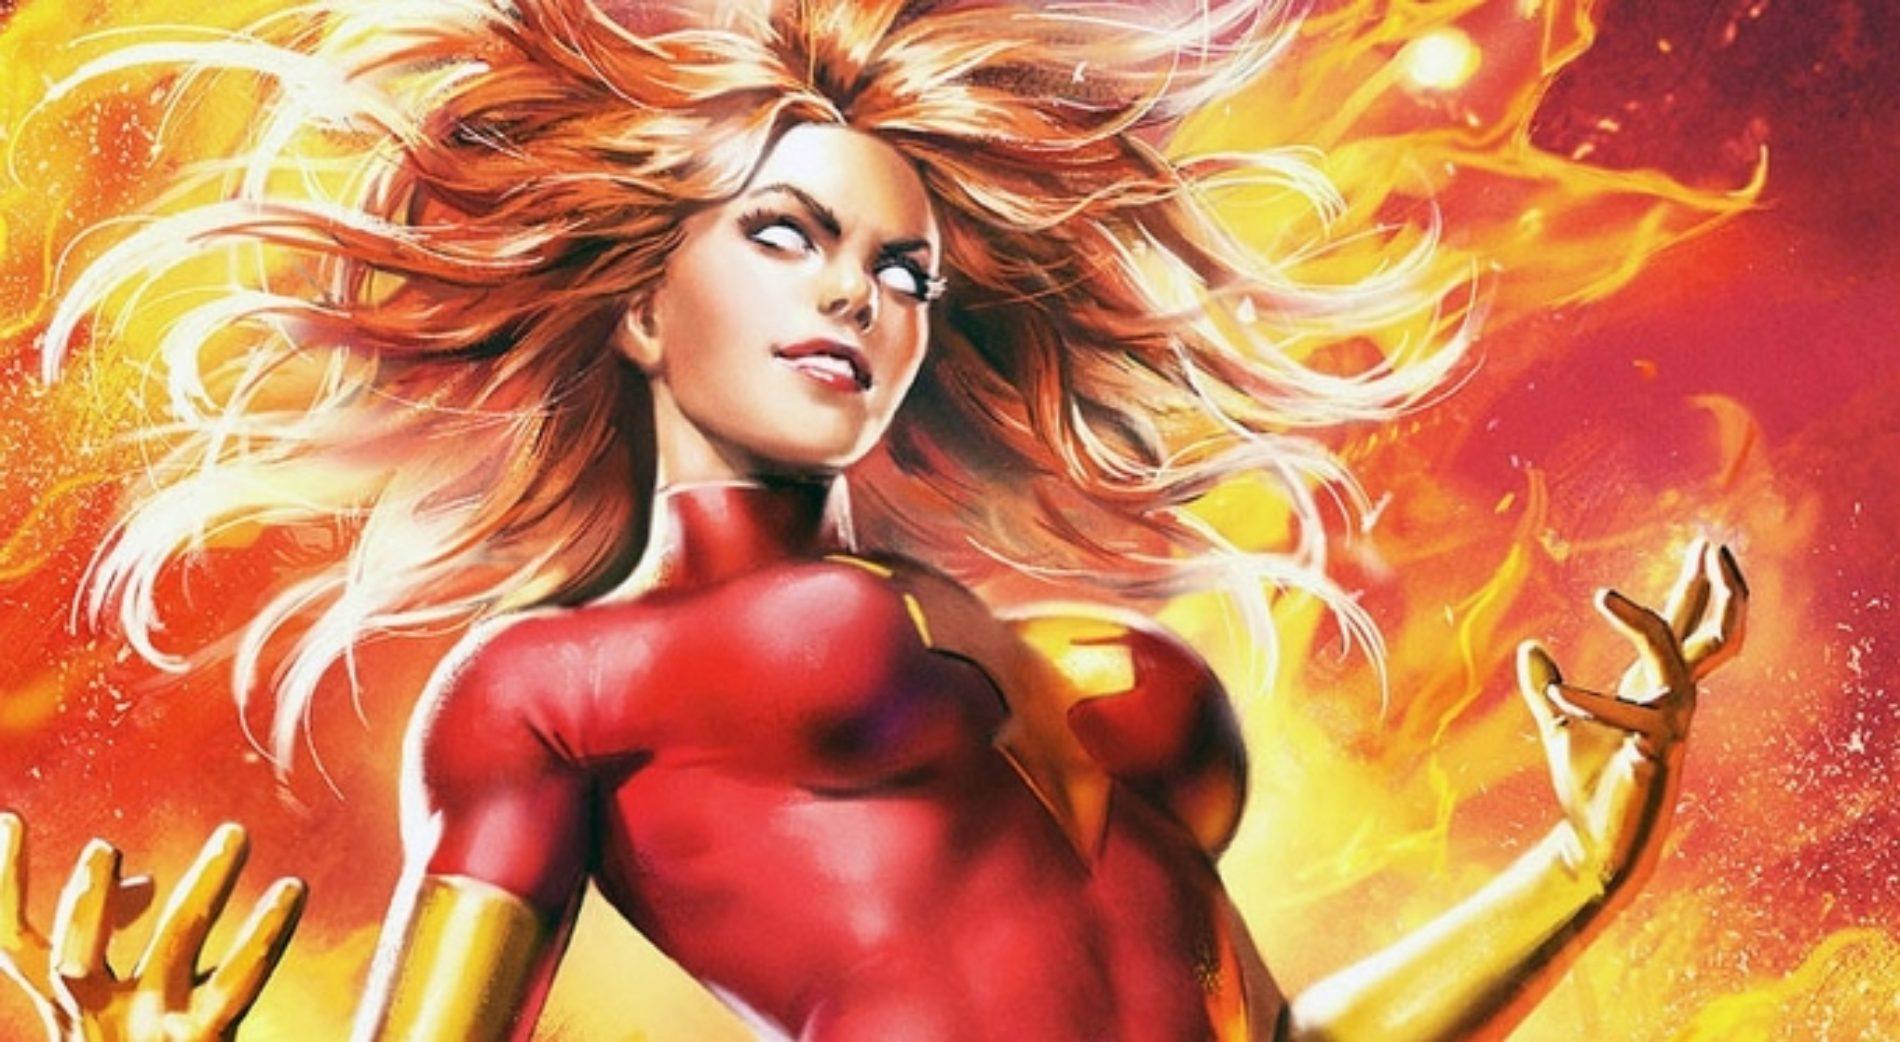 Mueve 20th Century Fox los estrenos de 'X-Men: Dark Phoenix' y 'Los nuevos mutantes'